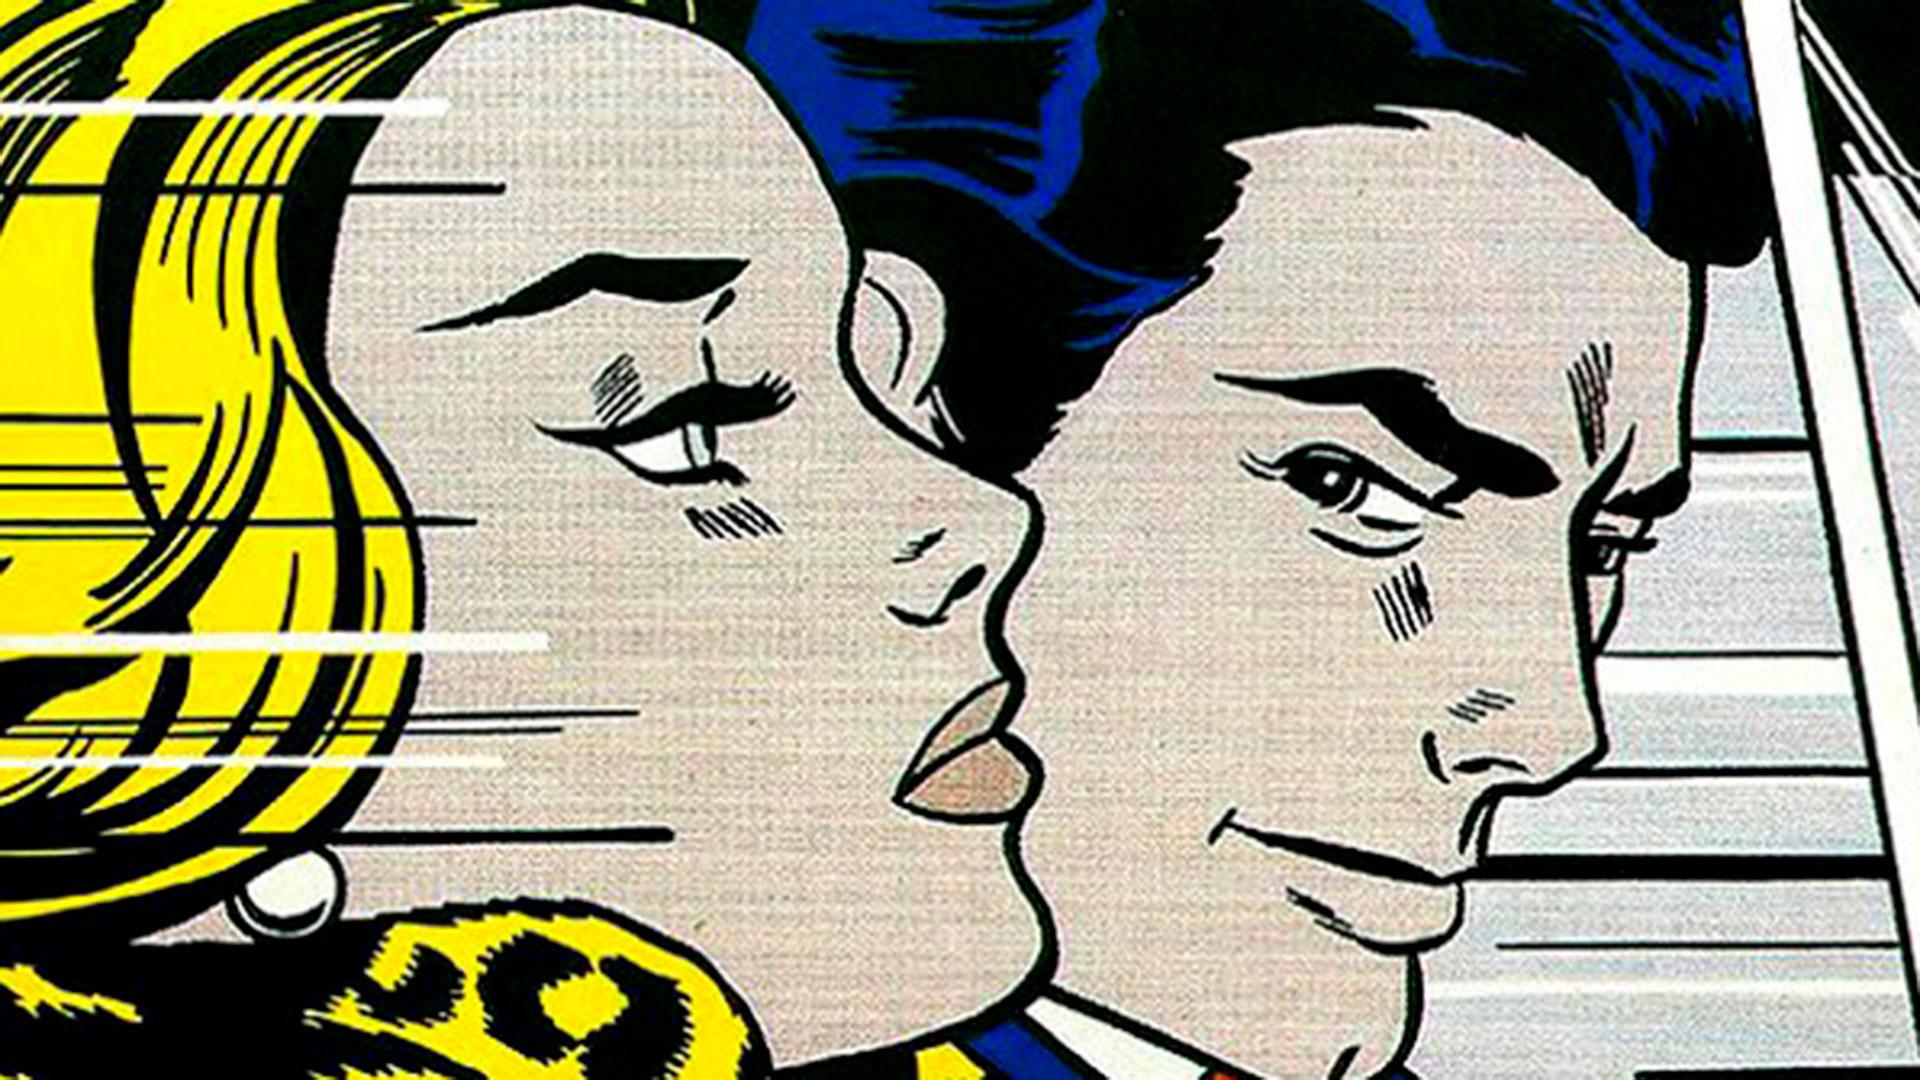 Obra de arte pop realizada por Roy Lichtenstein